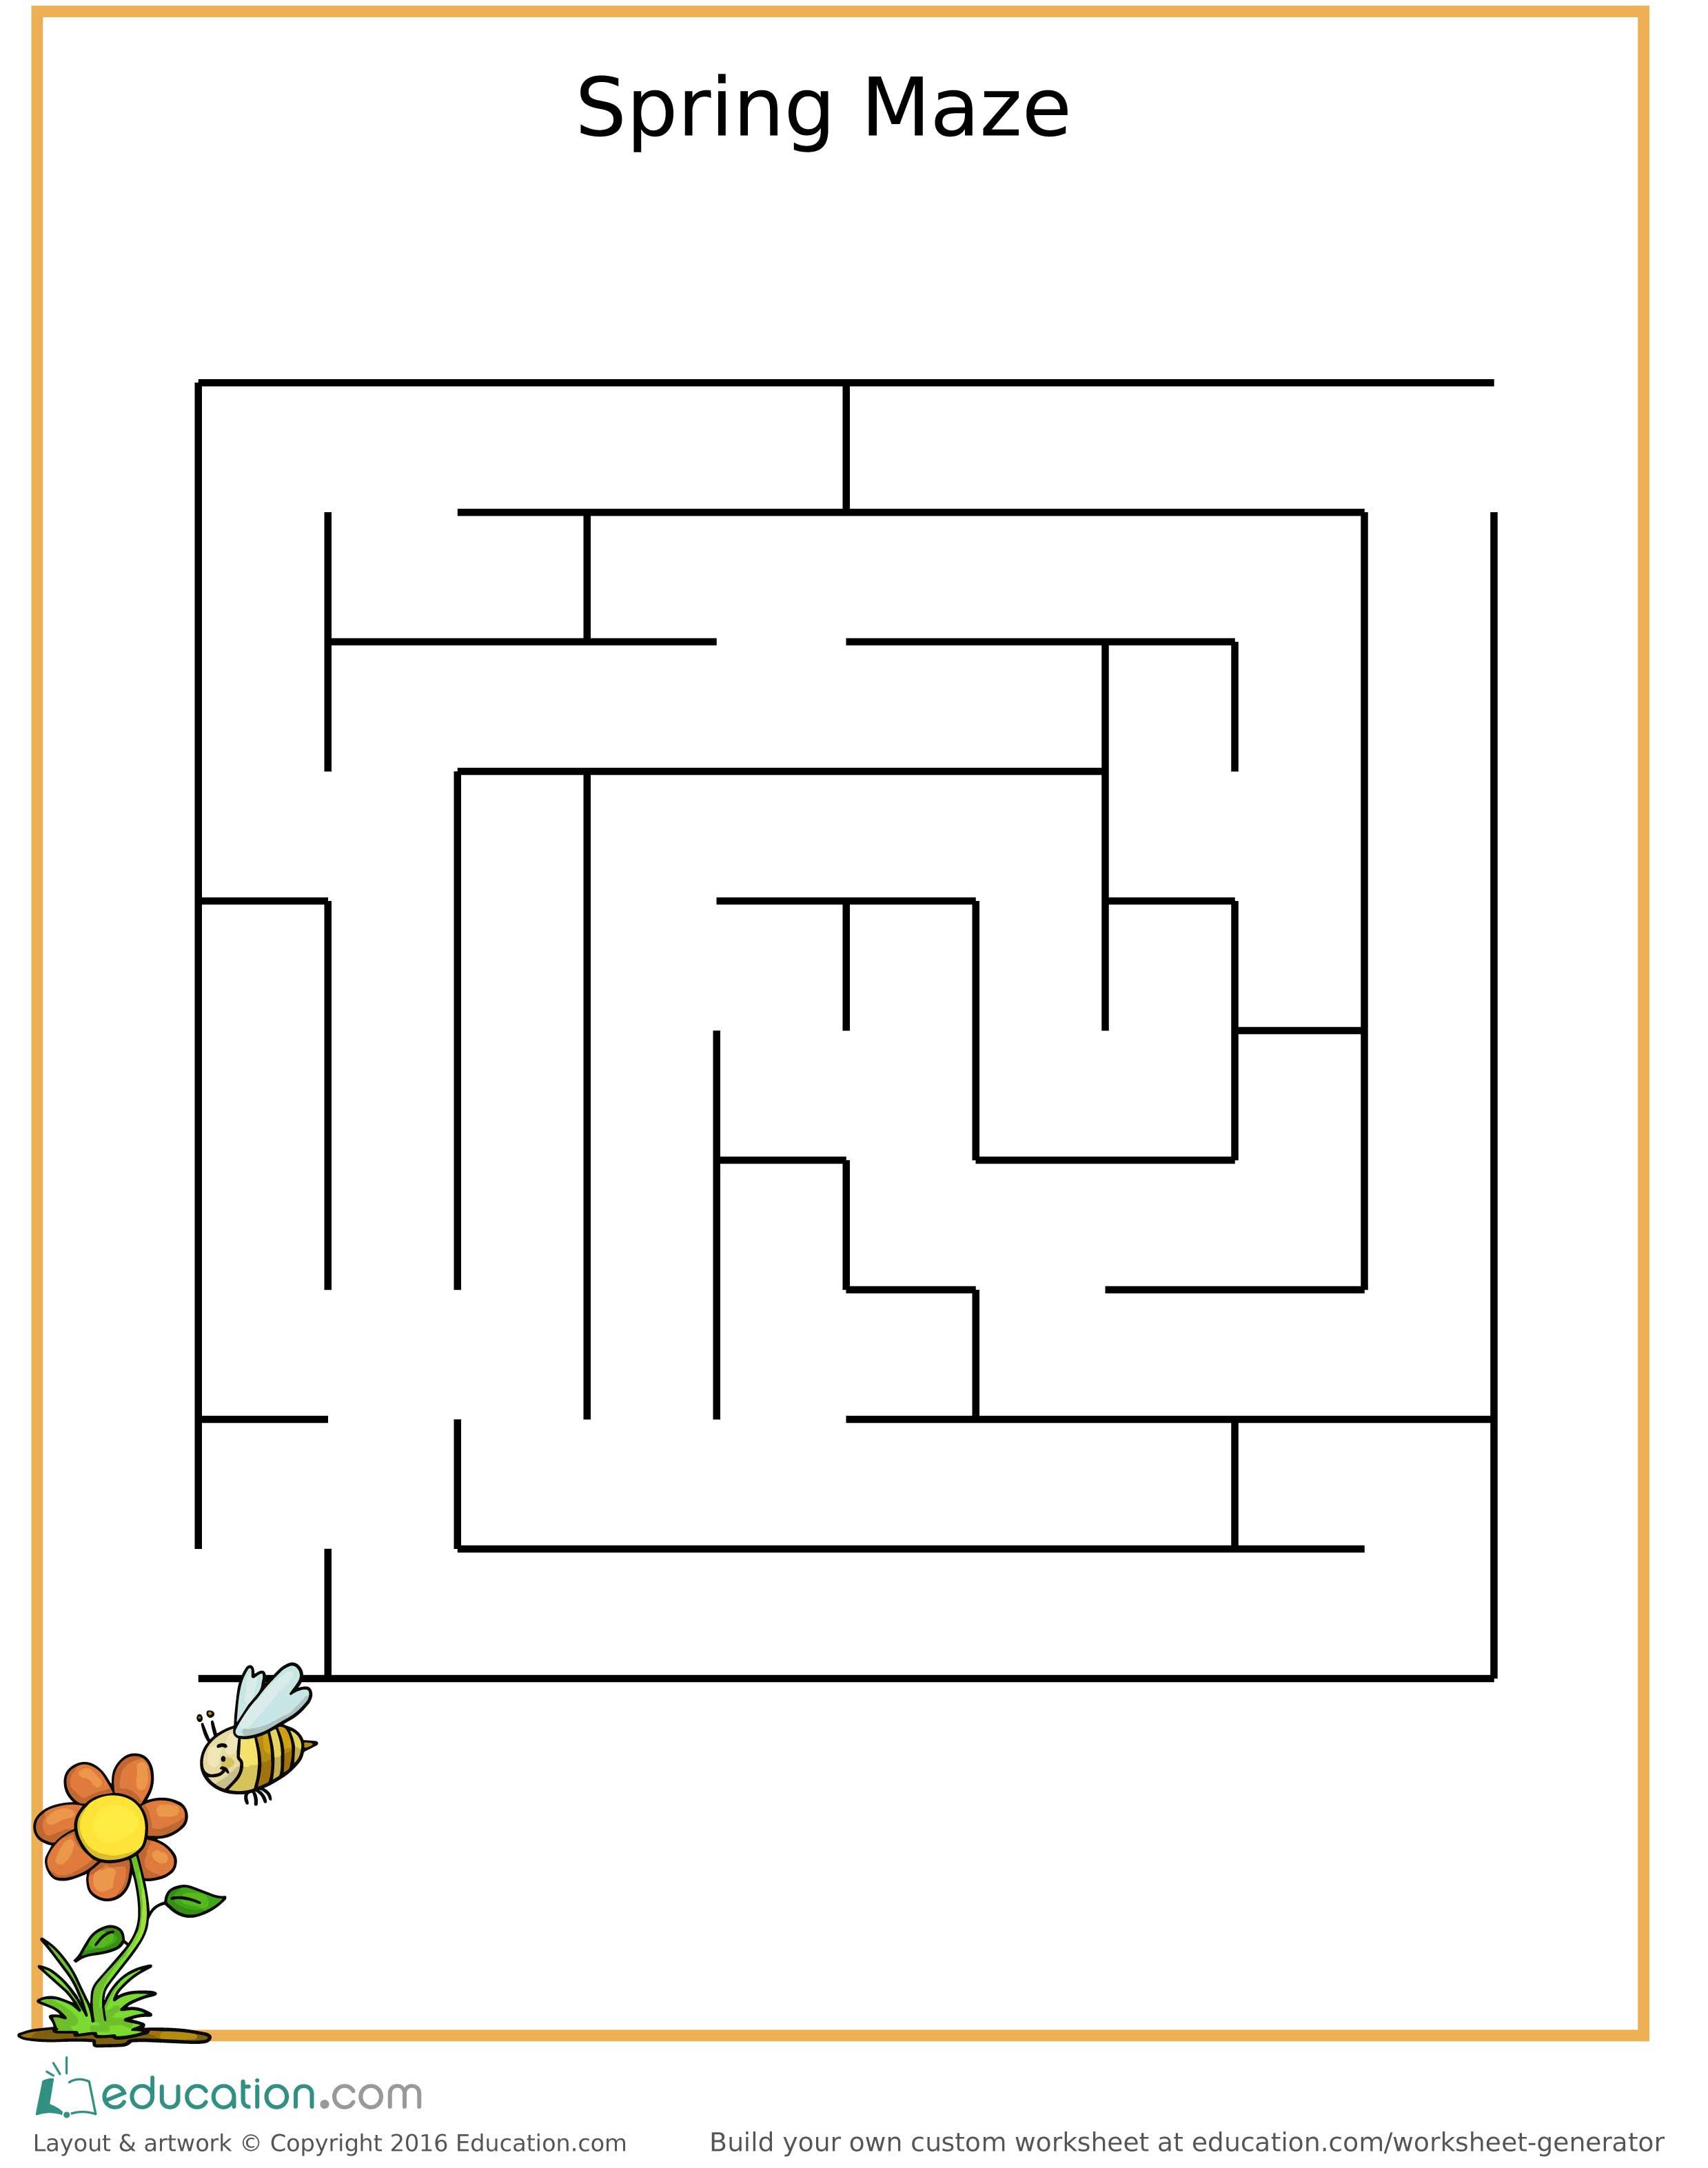 Fun Spring Maze For Children Free Printable